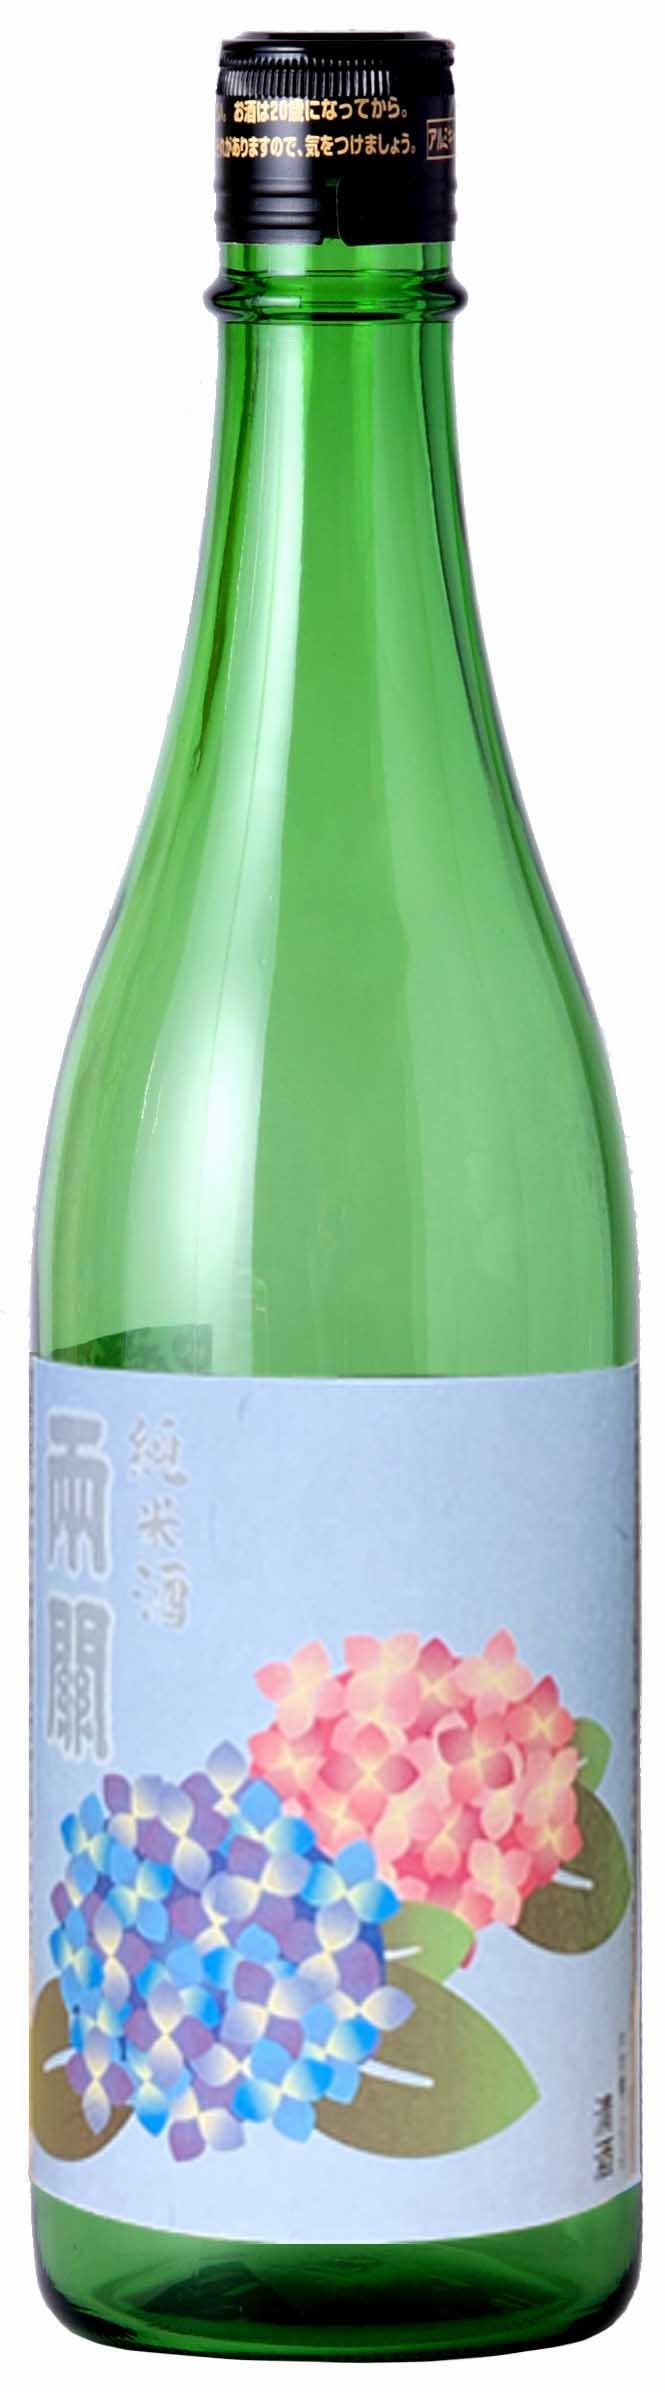 季節ラベル純米酒720ml(5-6)